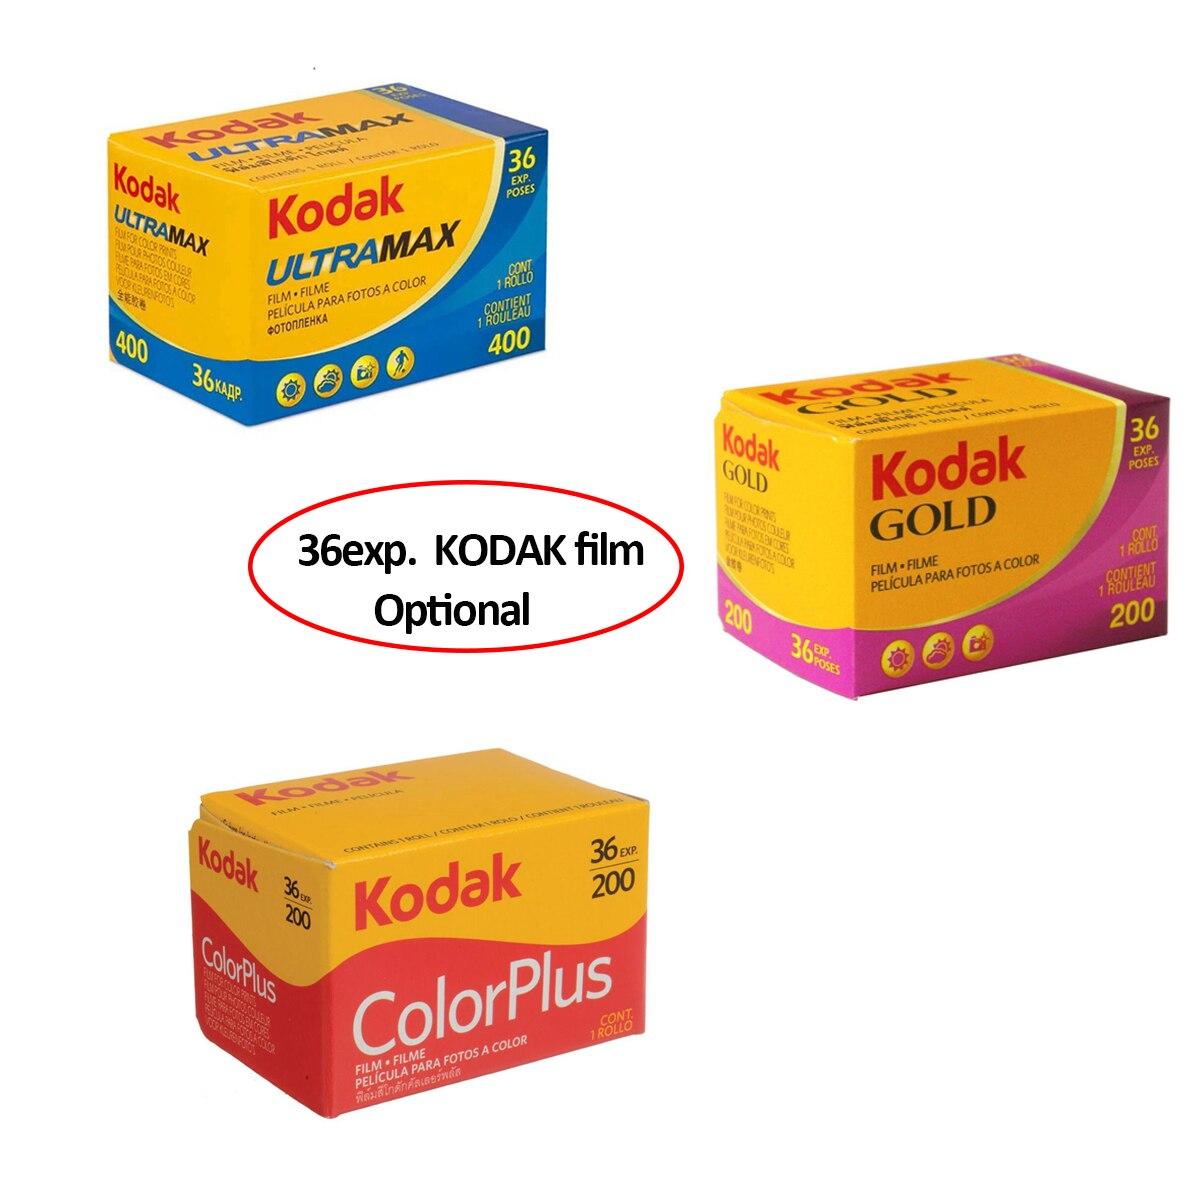 KODAK UltraMax 400/ Color Plus 200 / Gold 200 цветная печать 135-36 35 мм пленка 36 экспозиция в рулоне подходит для камеры M35 / M38